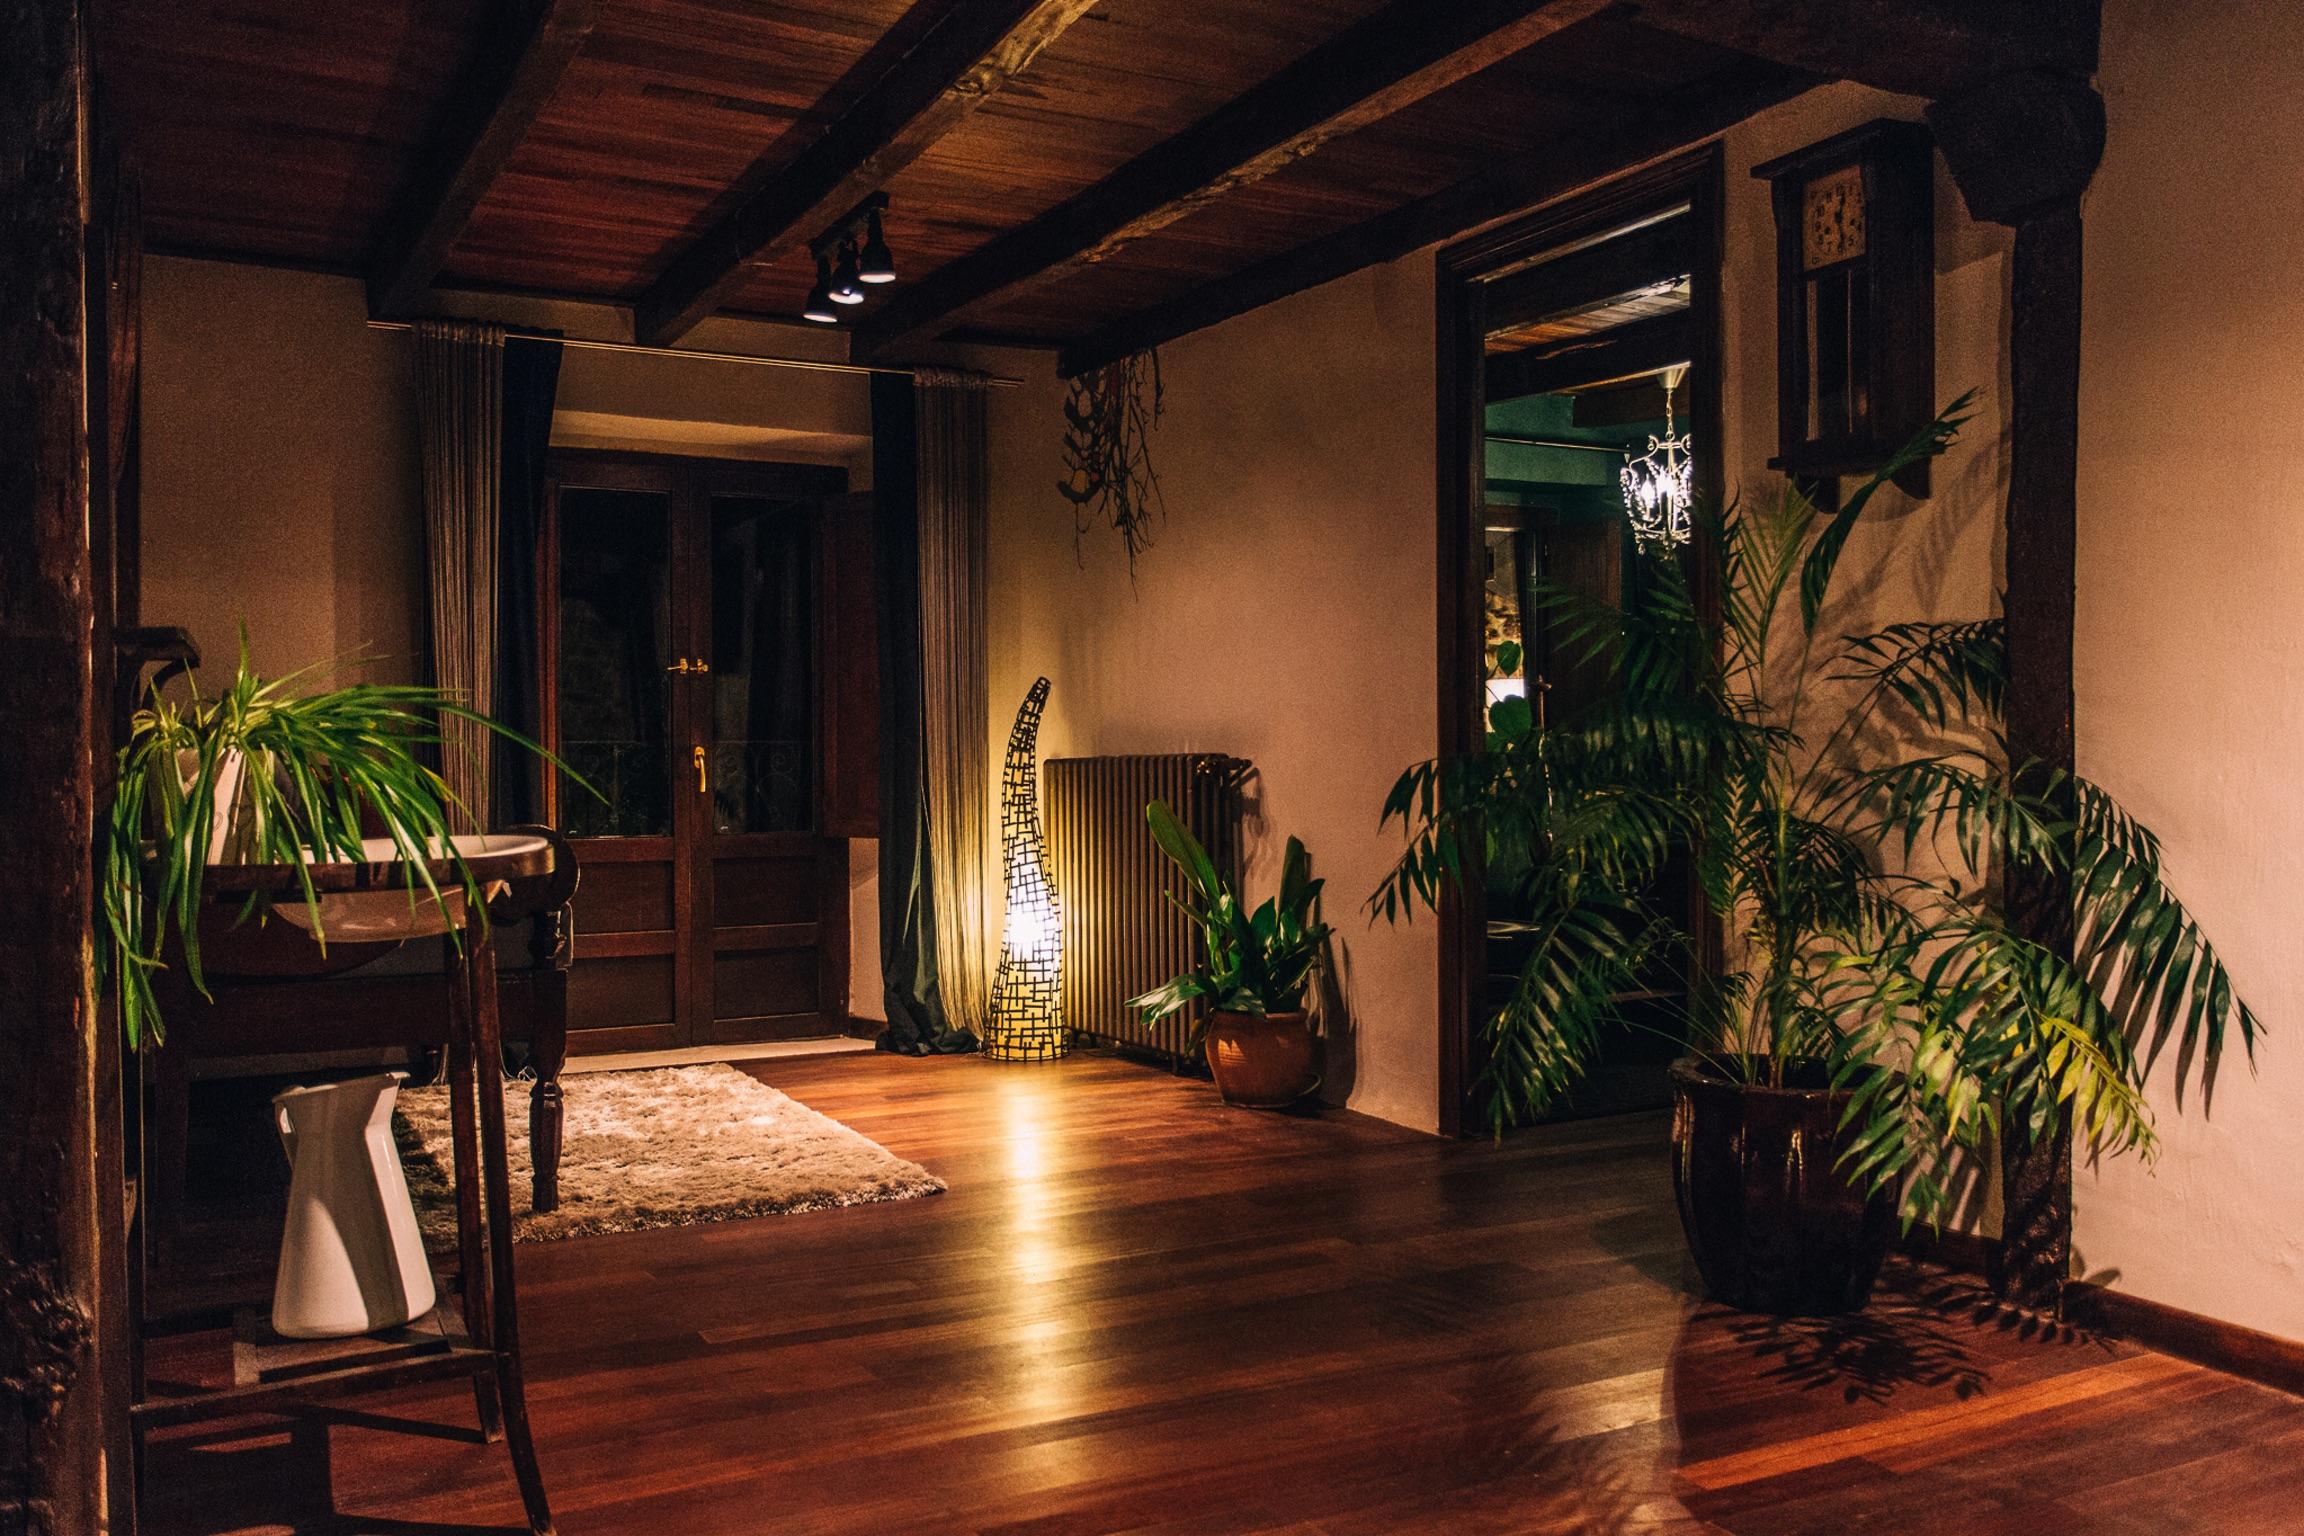 Ferienhaus Haus mit 5 Zimmern in Fuenteodra mit toller Aussicht auf die Berge, eingezäuntem Garten un (2211142), Fuenteodra, Burgos, Kastilien-León, Spanien, Bild 36